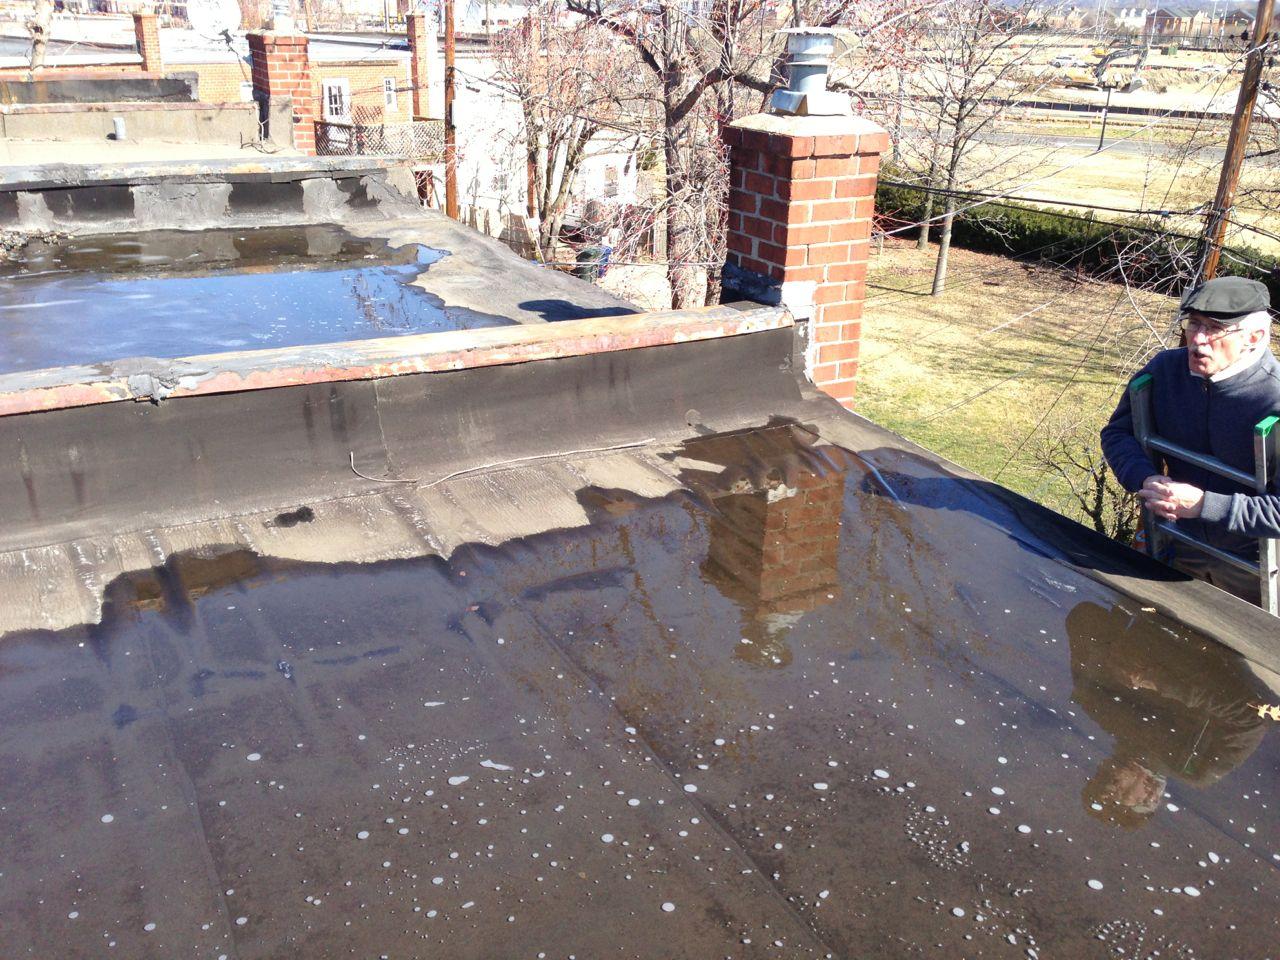 Flat Roof Ponding Water In Alexandria, Va